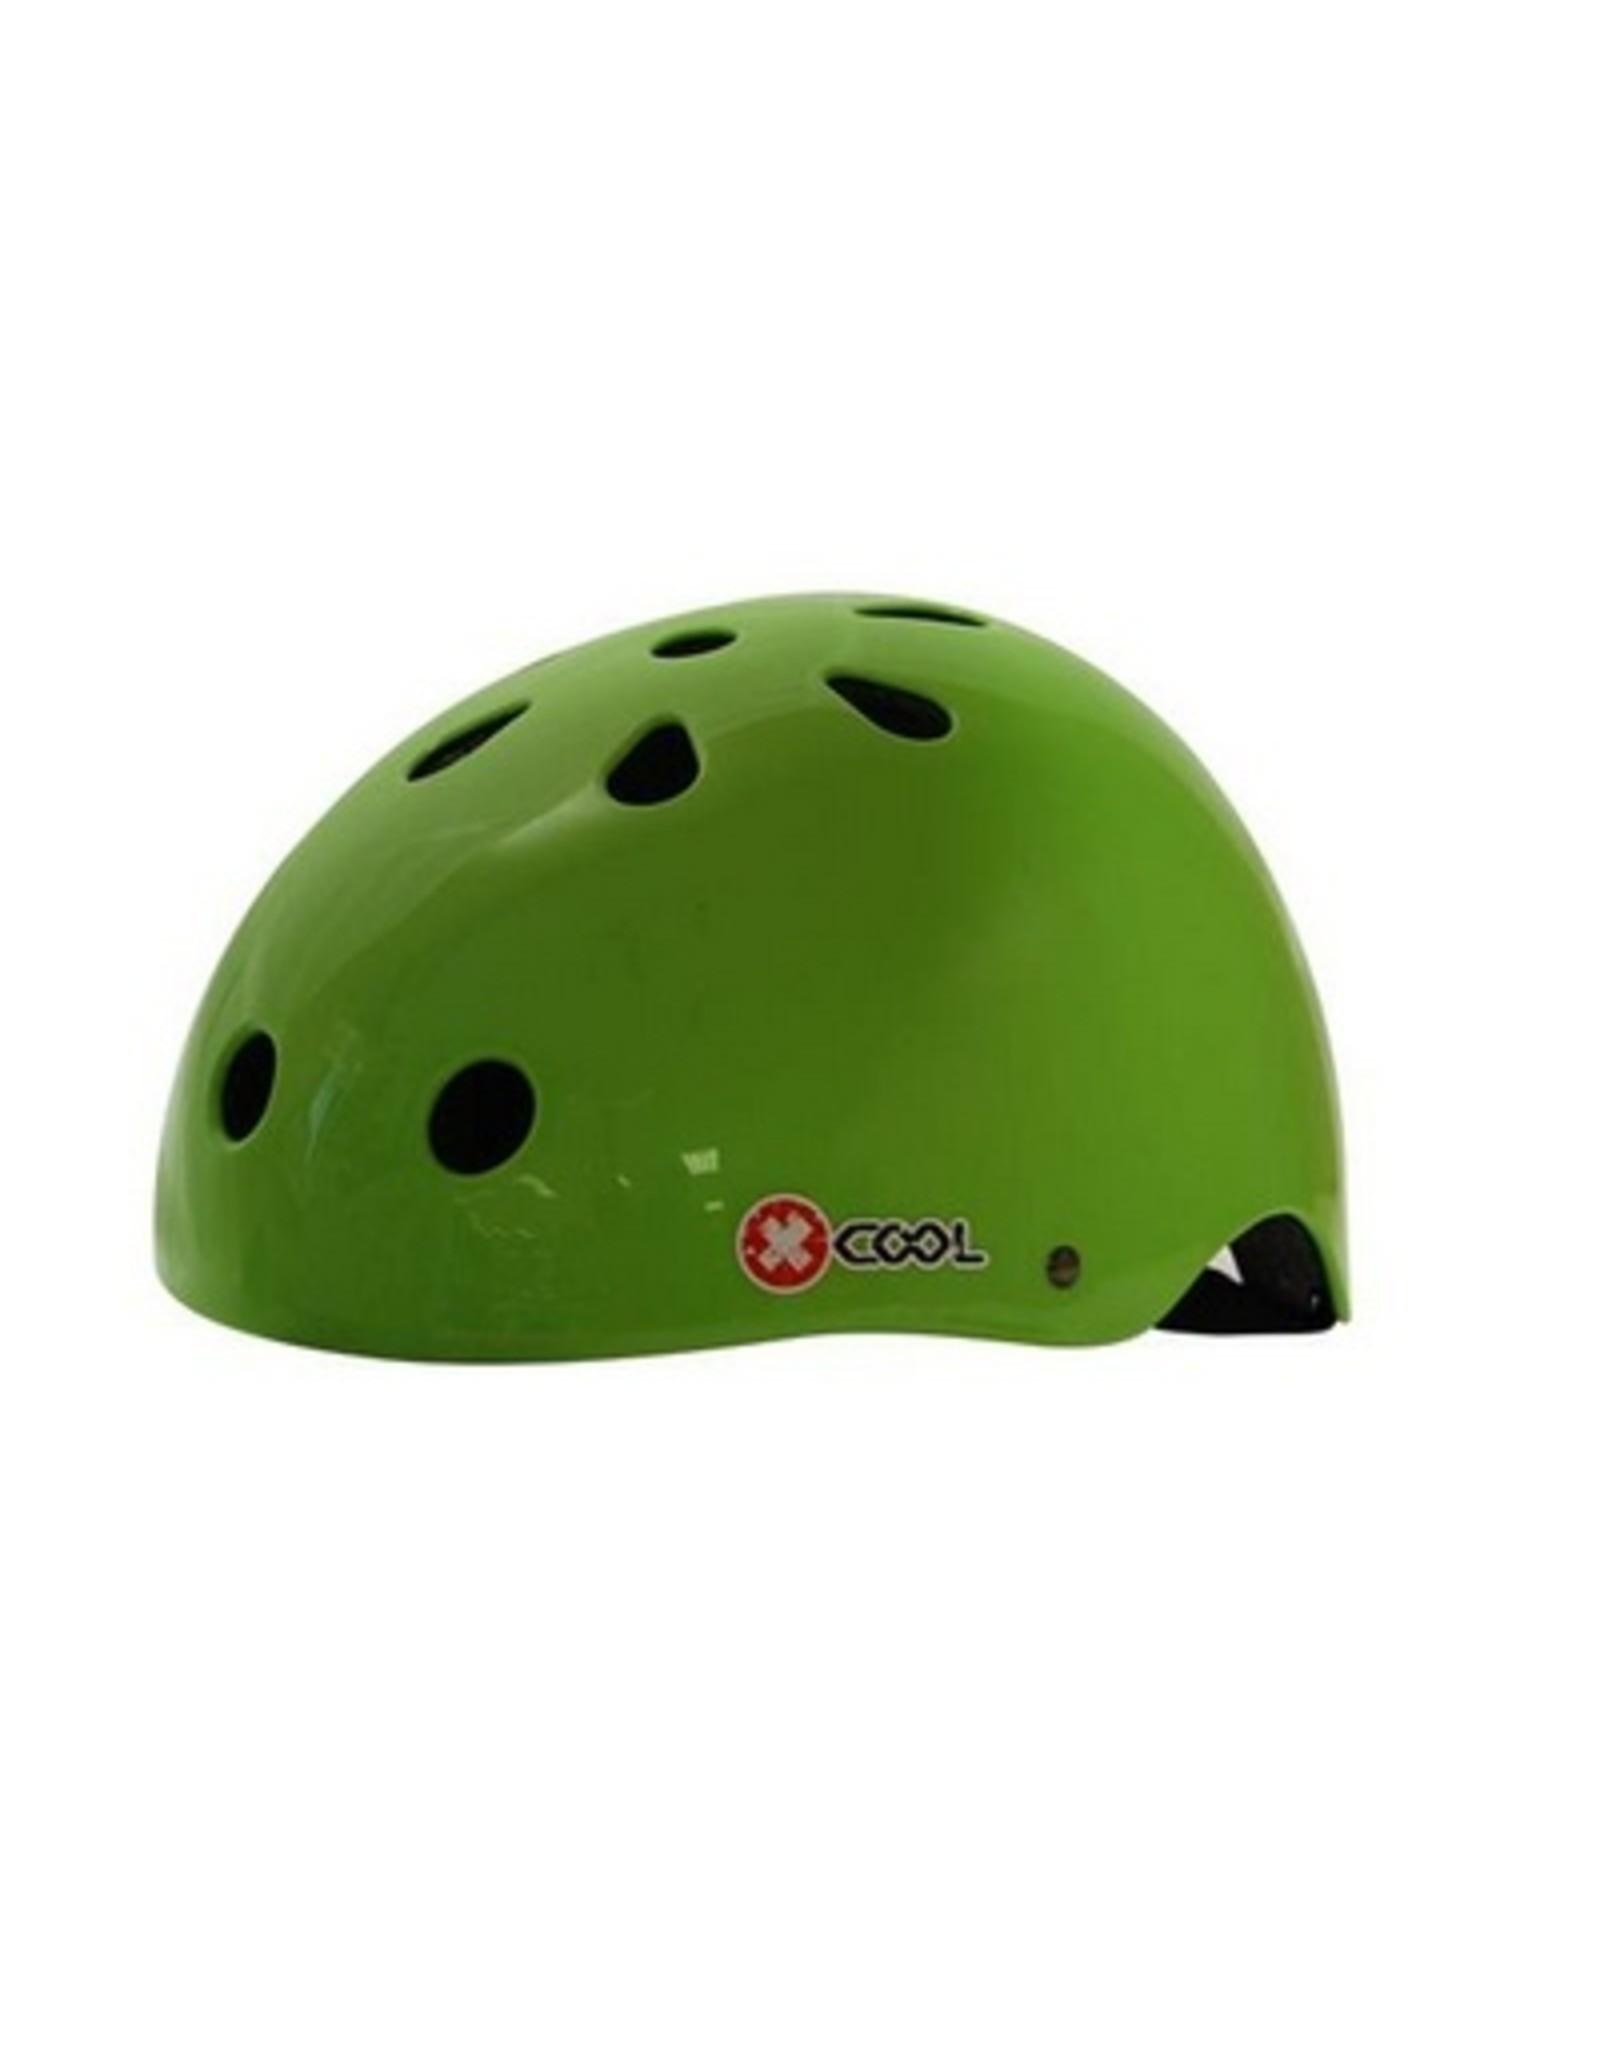 XCOOL fietshelm kleuter Green bean